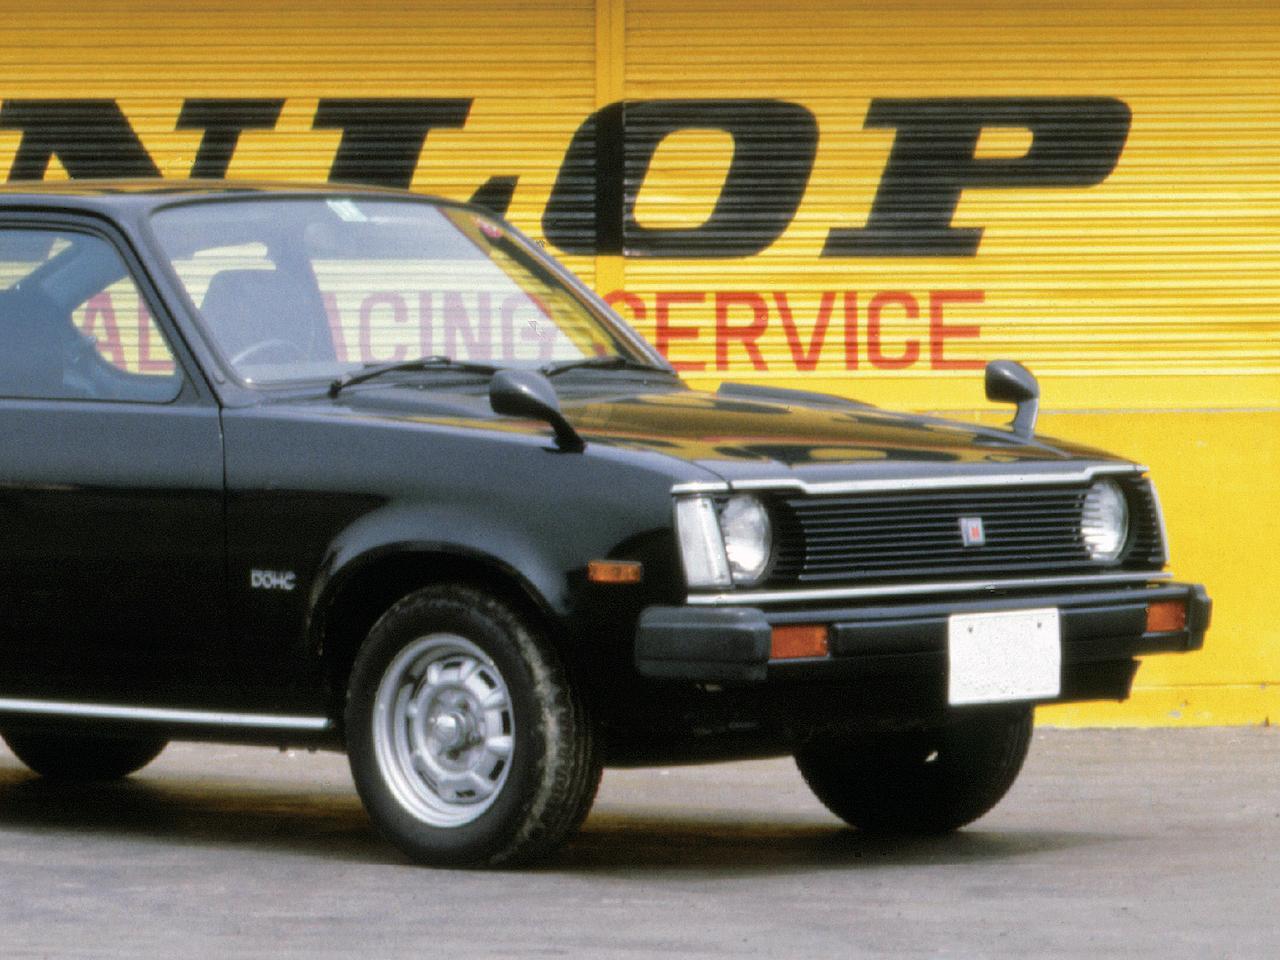 【昭和の名車 69】いすゞ ジェミニZZ:昭和54年(1979年)